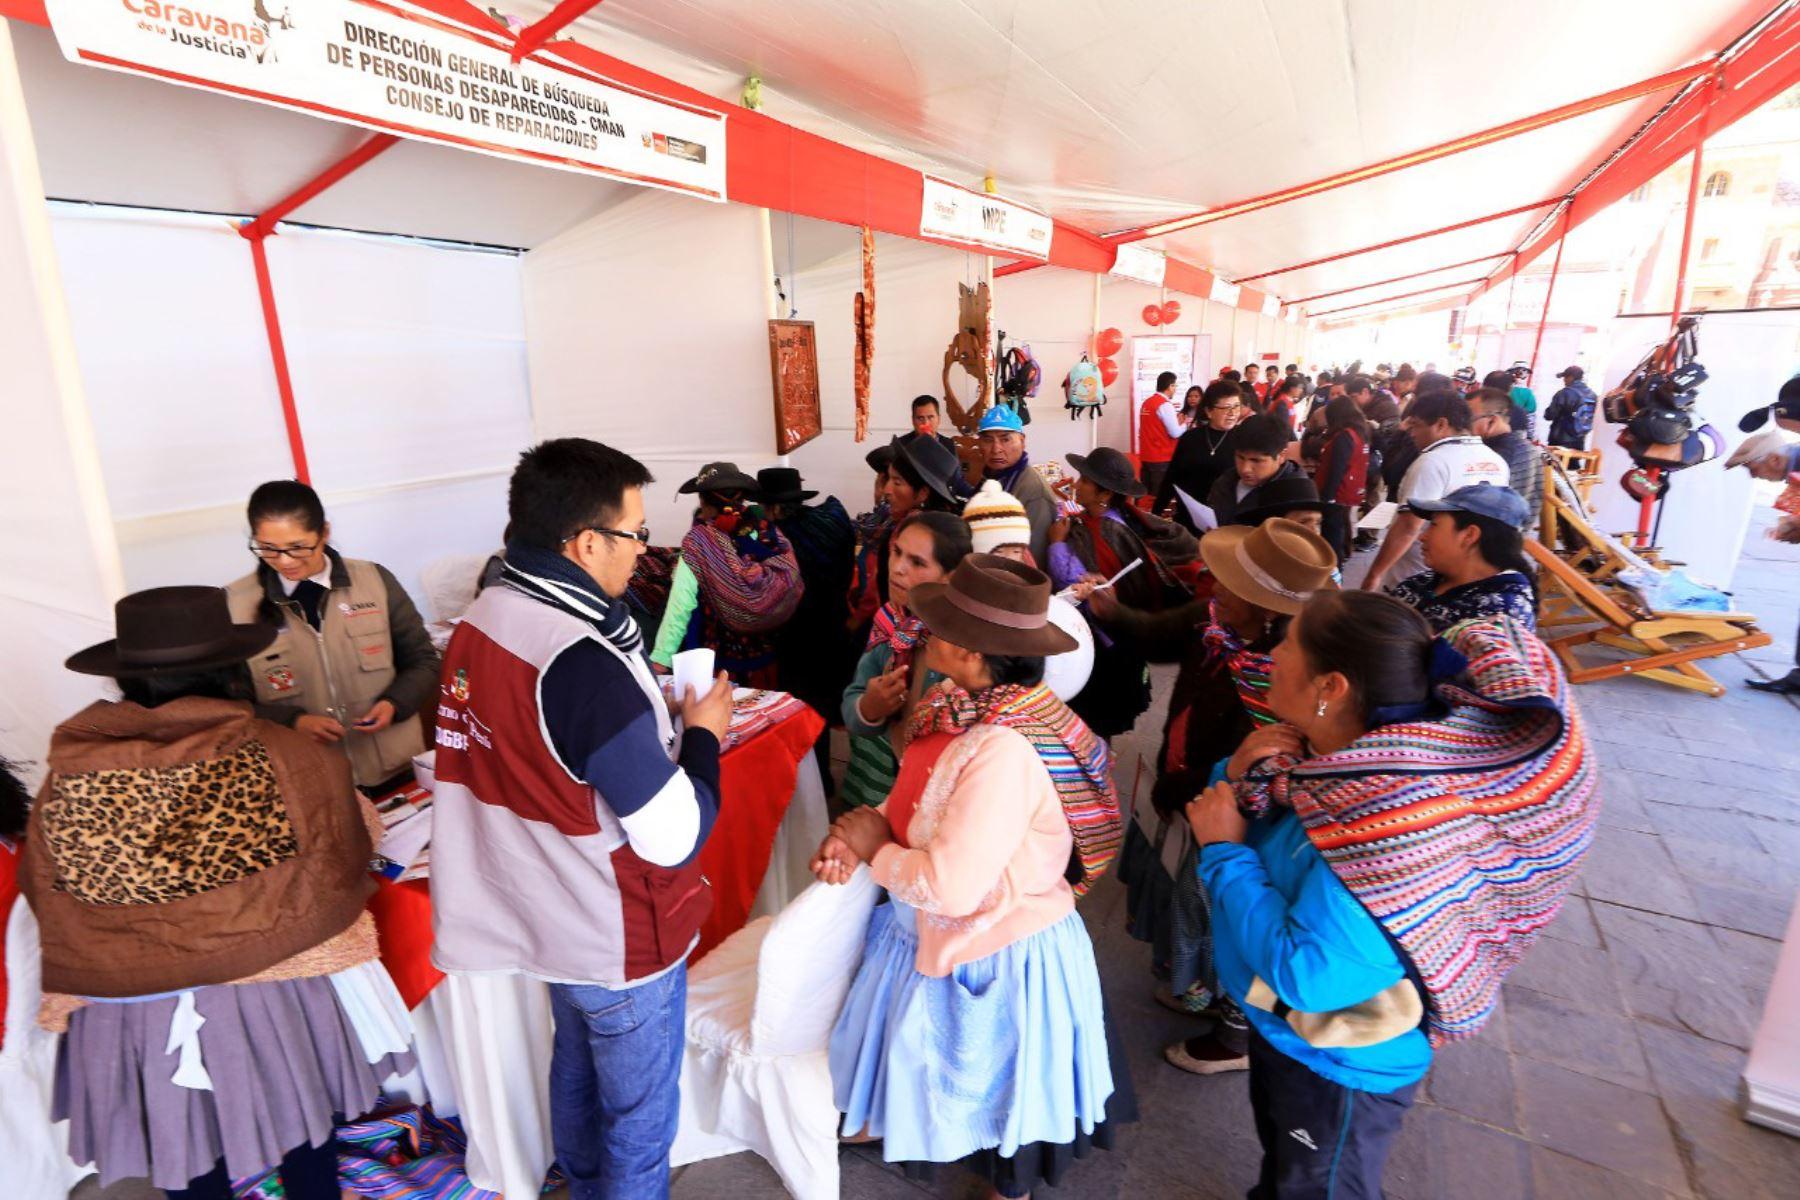 Caravana de la Justicia llegará a Huamanga la próxima semana para ofrecer servicios del Ministerio de Justicia.